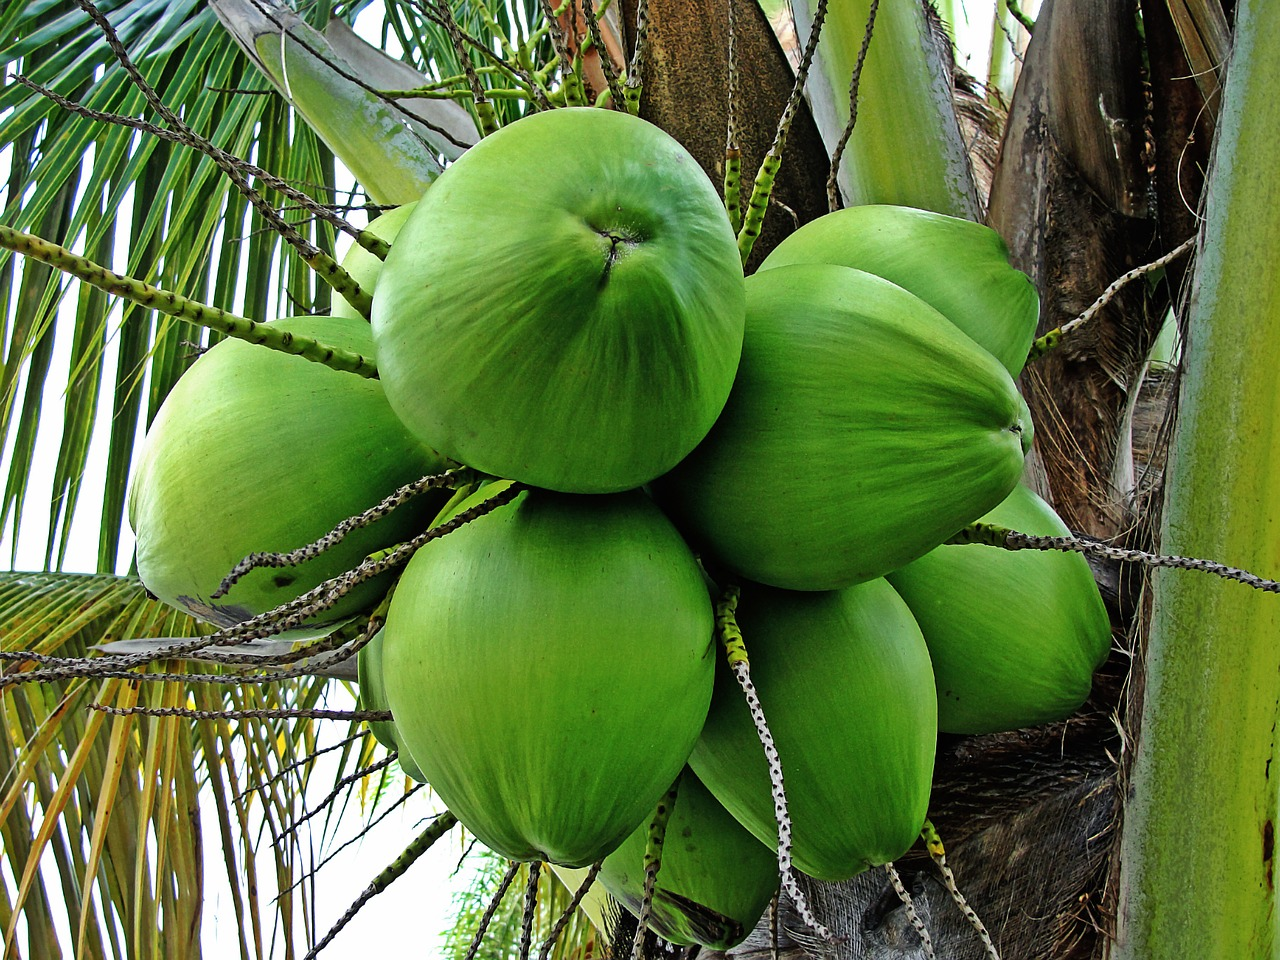 Dvě polévkové lžíce kokosového oleje denně a jaké divy udělají s vaší váhou